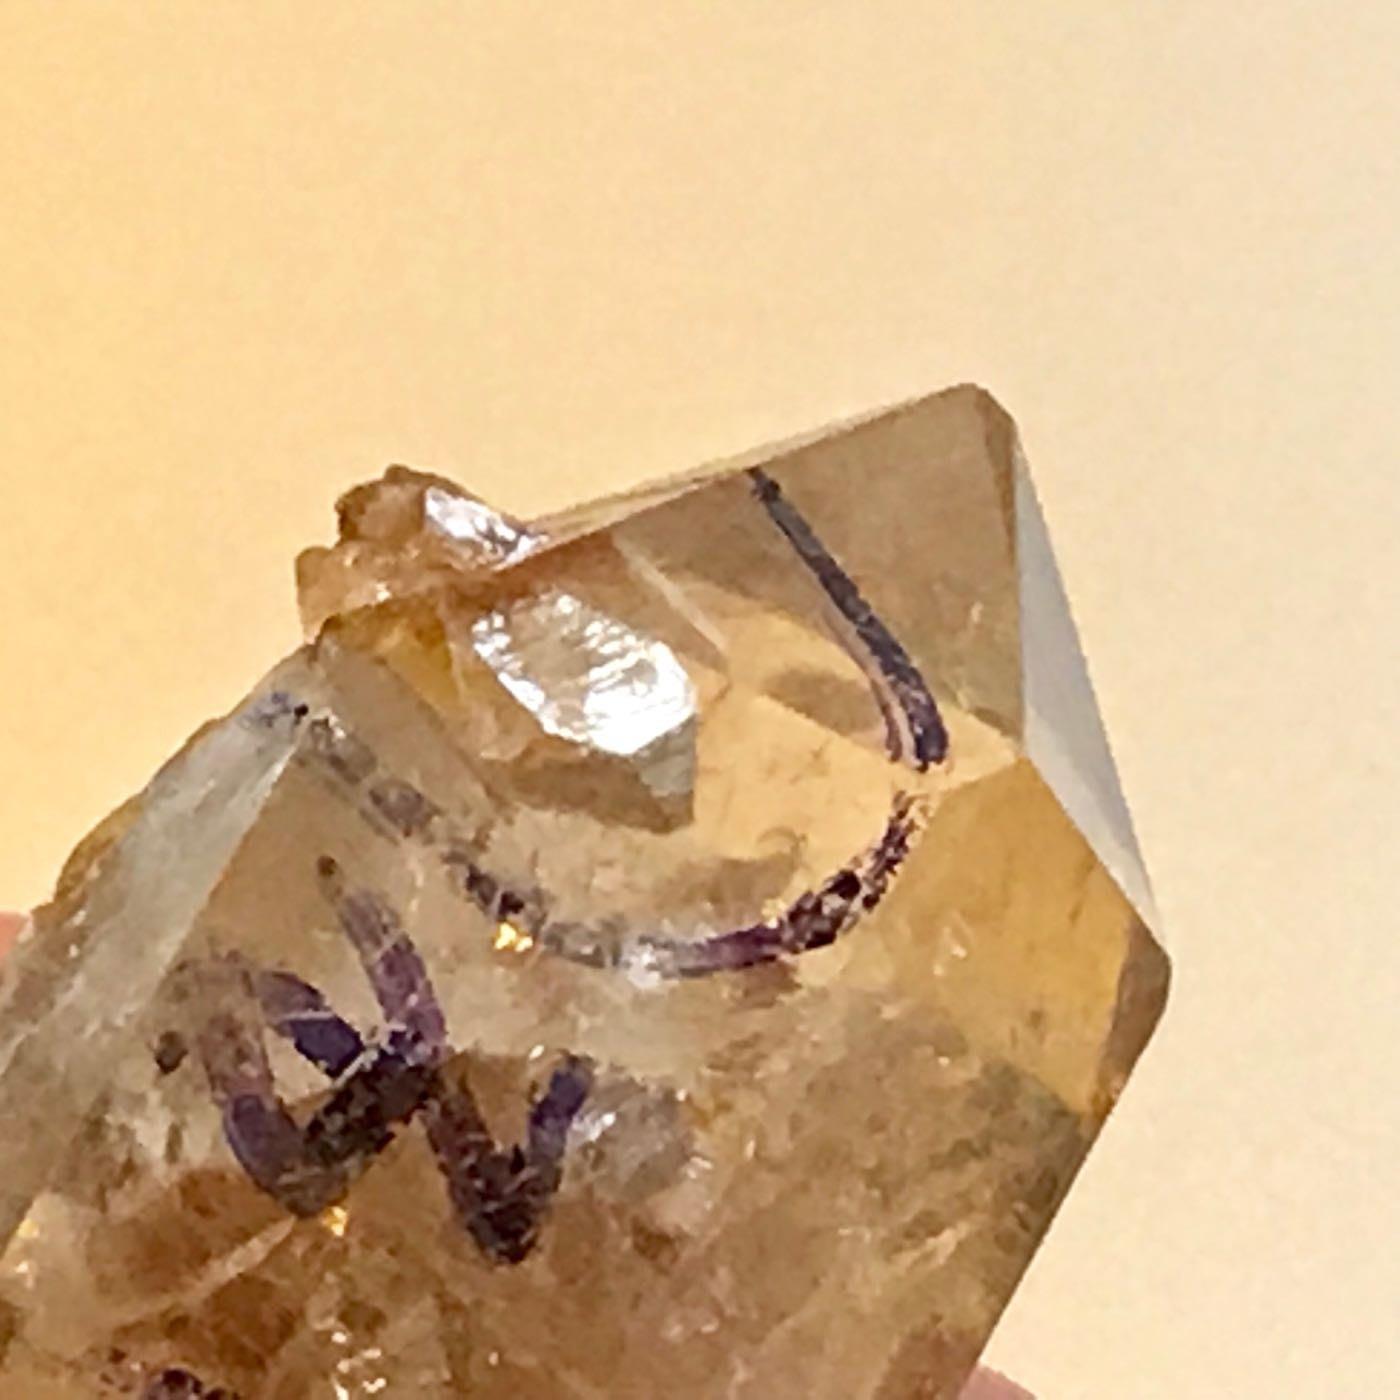 晶中晶 彩虹光 天然原礦 冰裂多 二次結晶 年代久 741